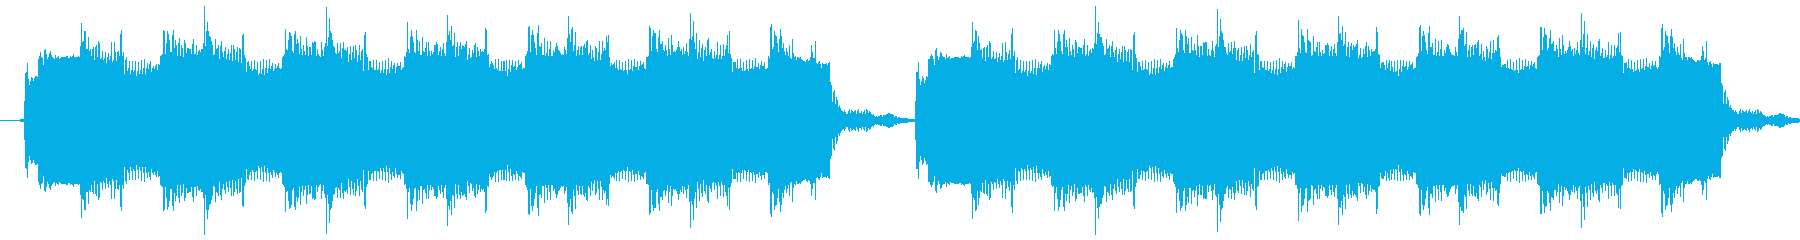 【電話/電子音/呼び出し/ピピピピ】の再生済みの波形